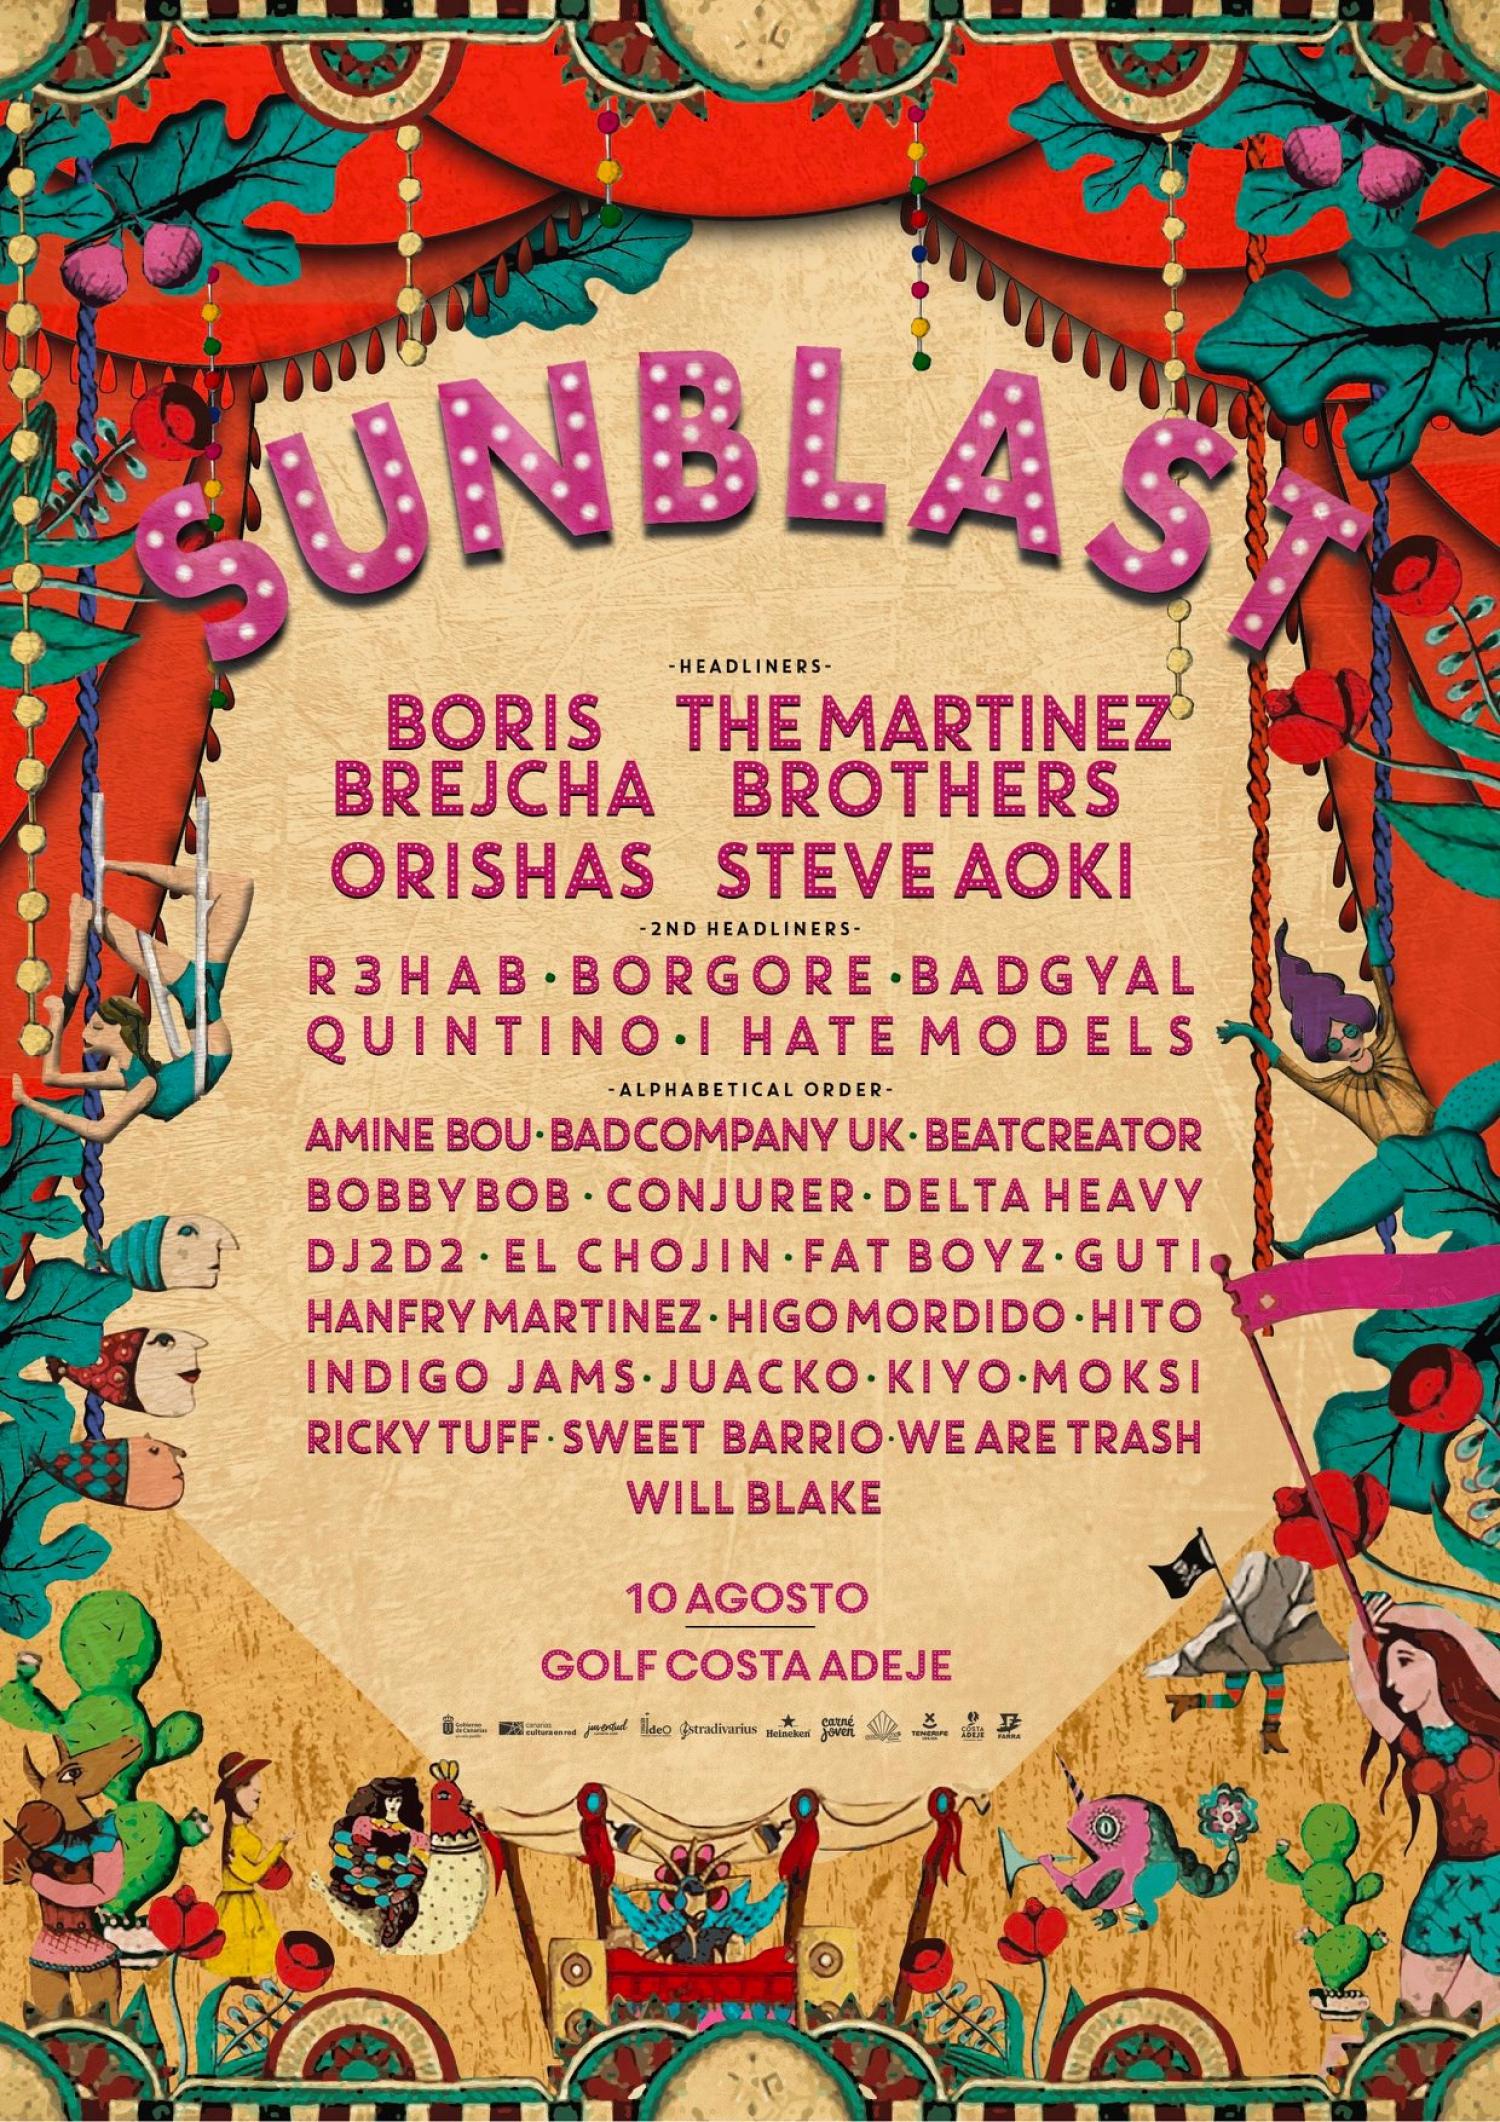 Sunblast 360 Festival